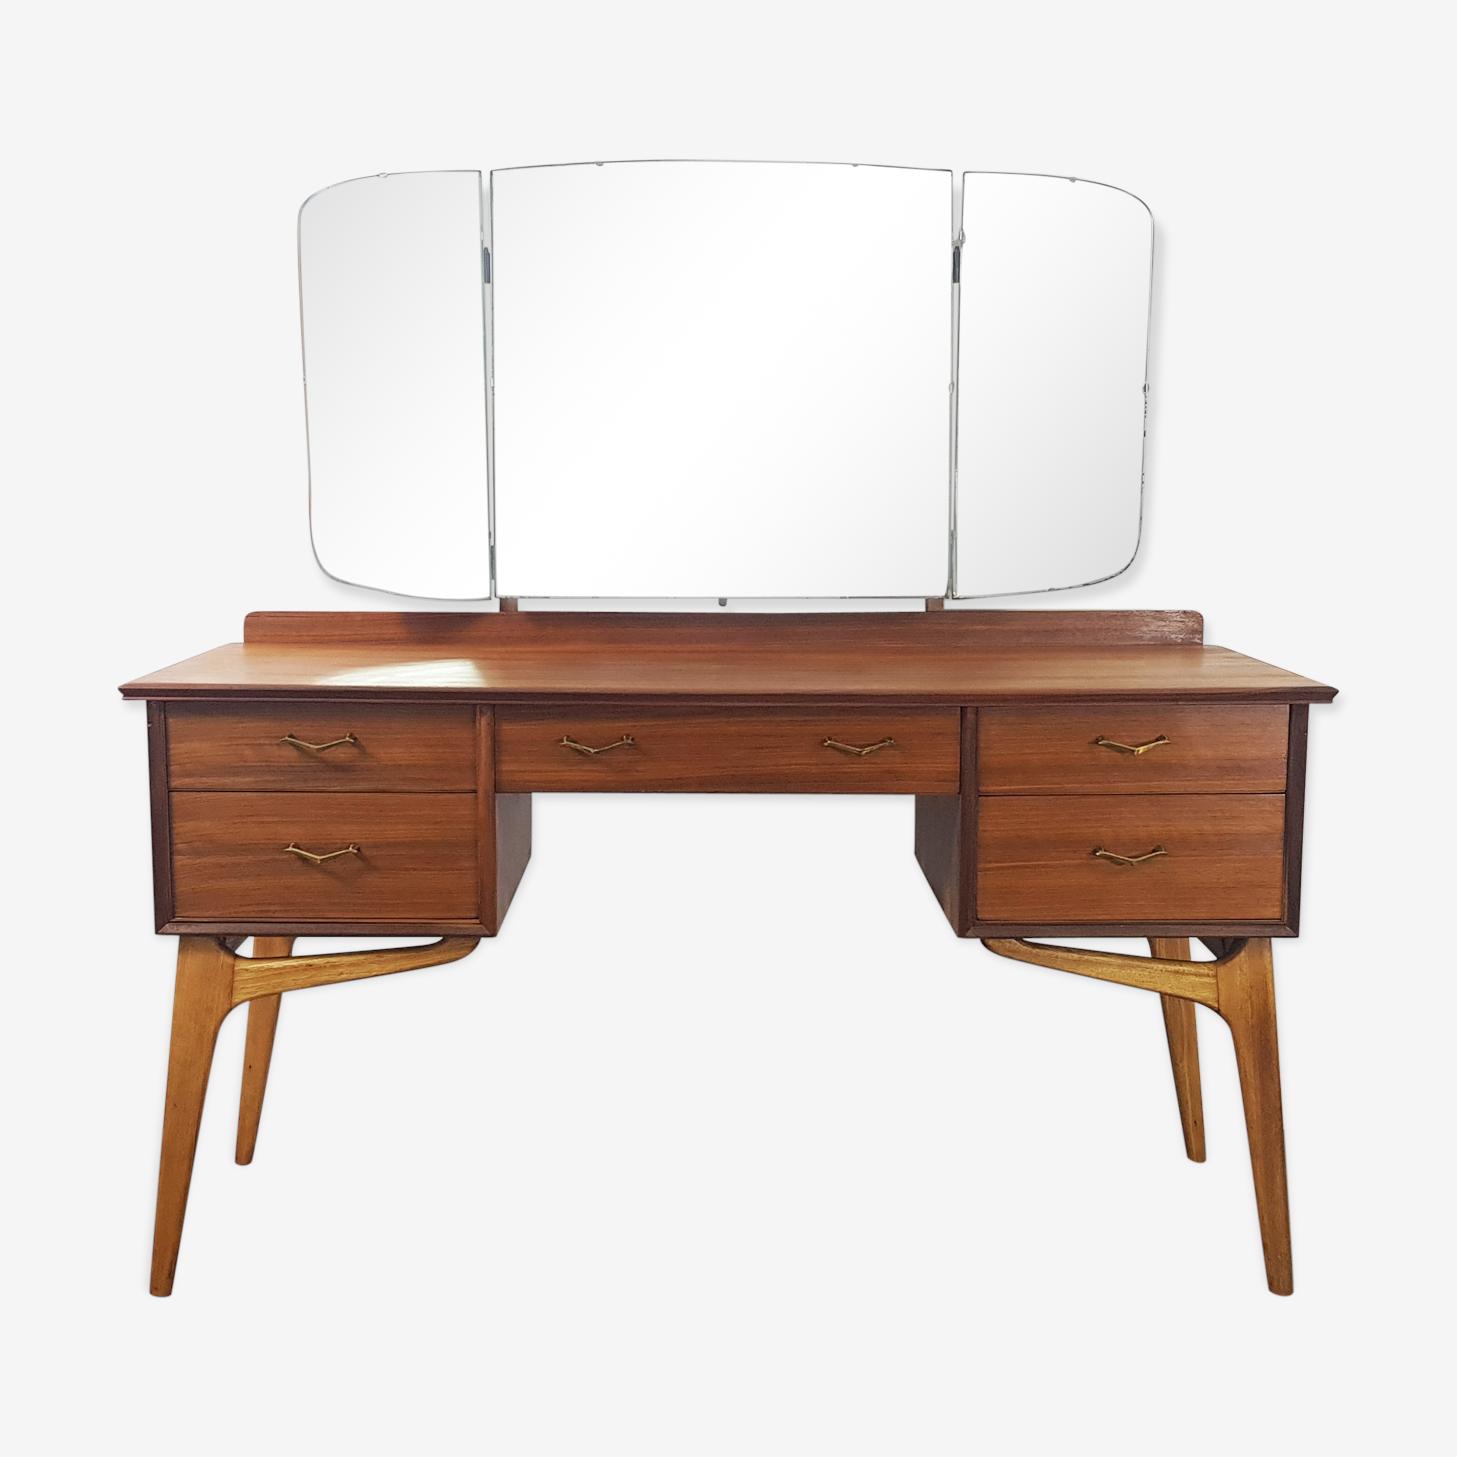 Coiffeuse par Alfred Cox pour AC furniture, années 1950